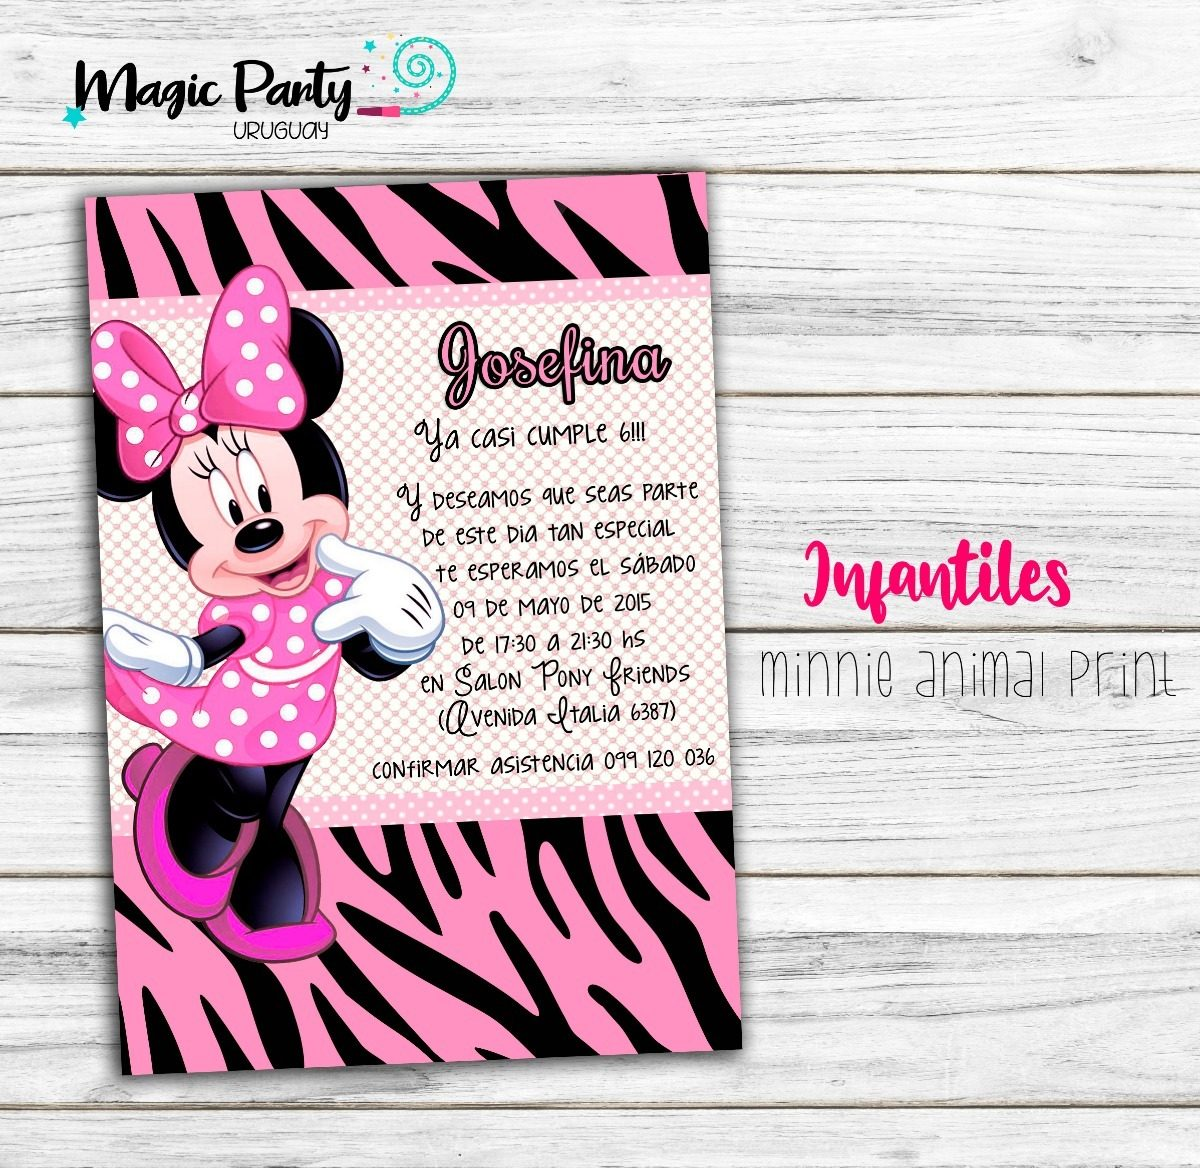 Tarjeta Invitación Digital Minnie Mouse